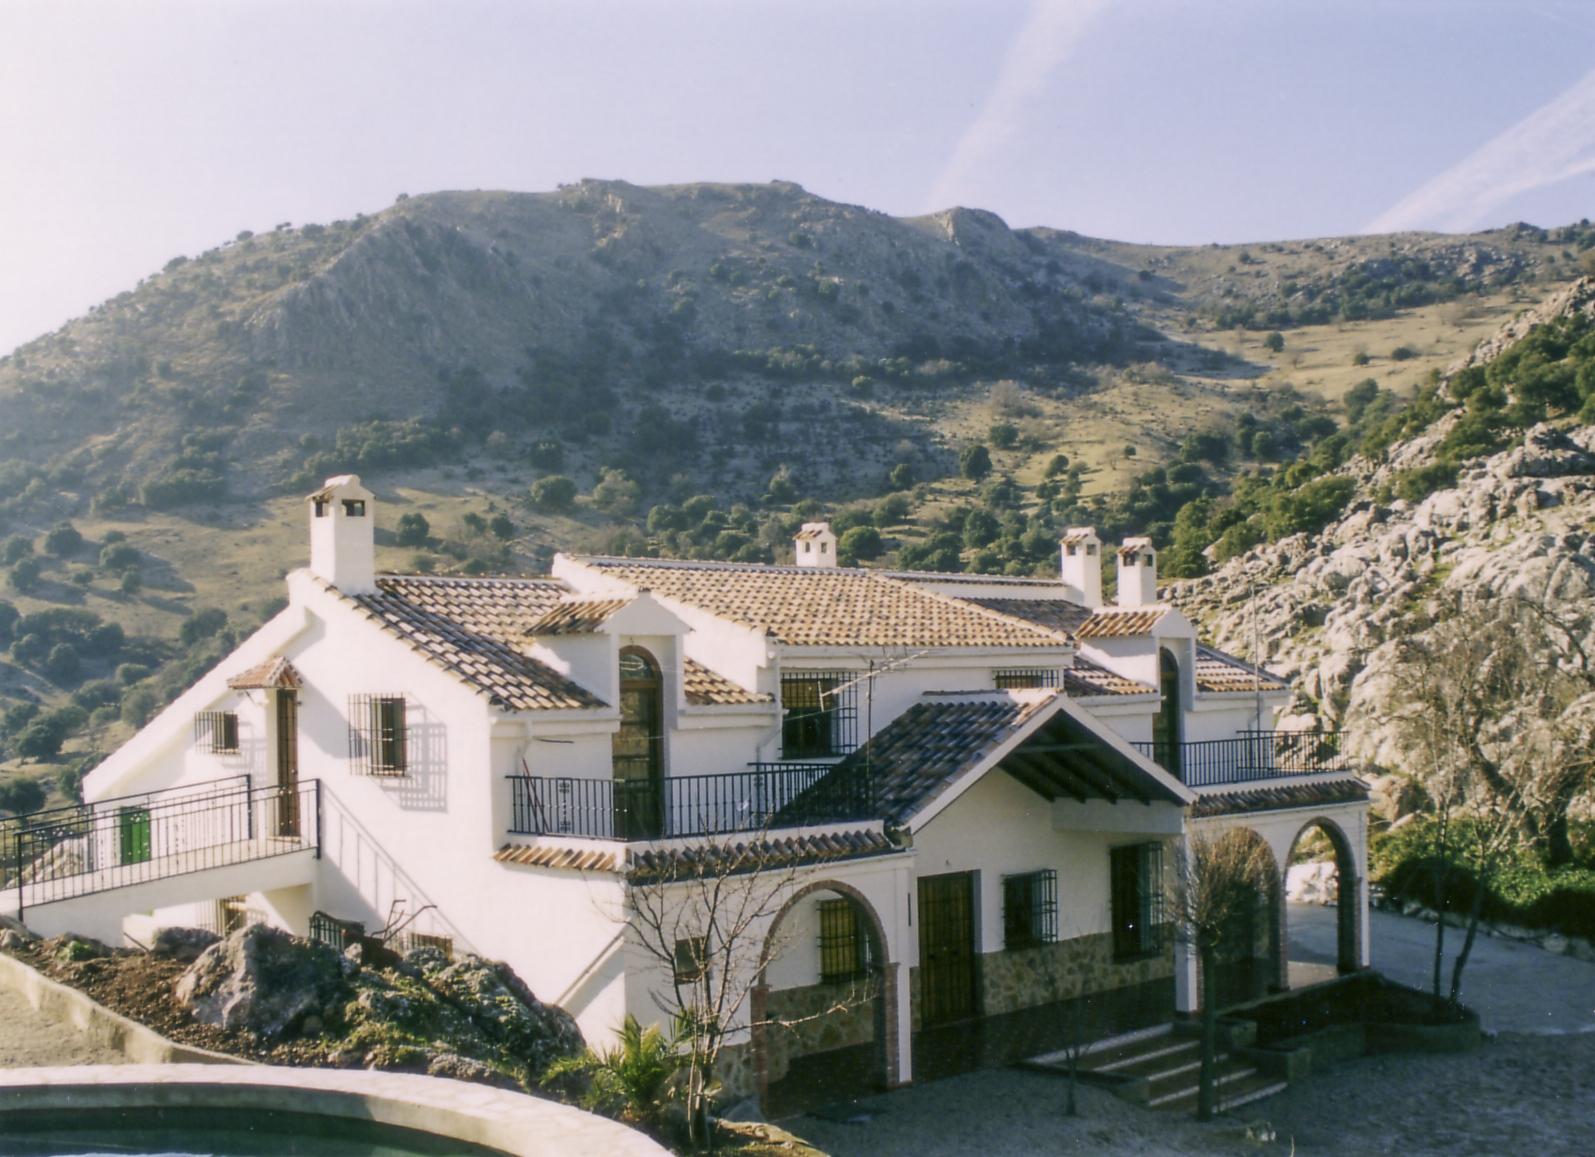 Alojamiento ayuntamiento valdepe as de ja n - Casas rurales jaen ...